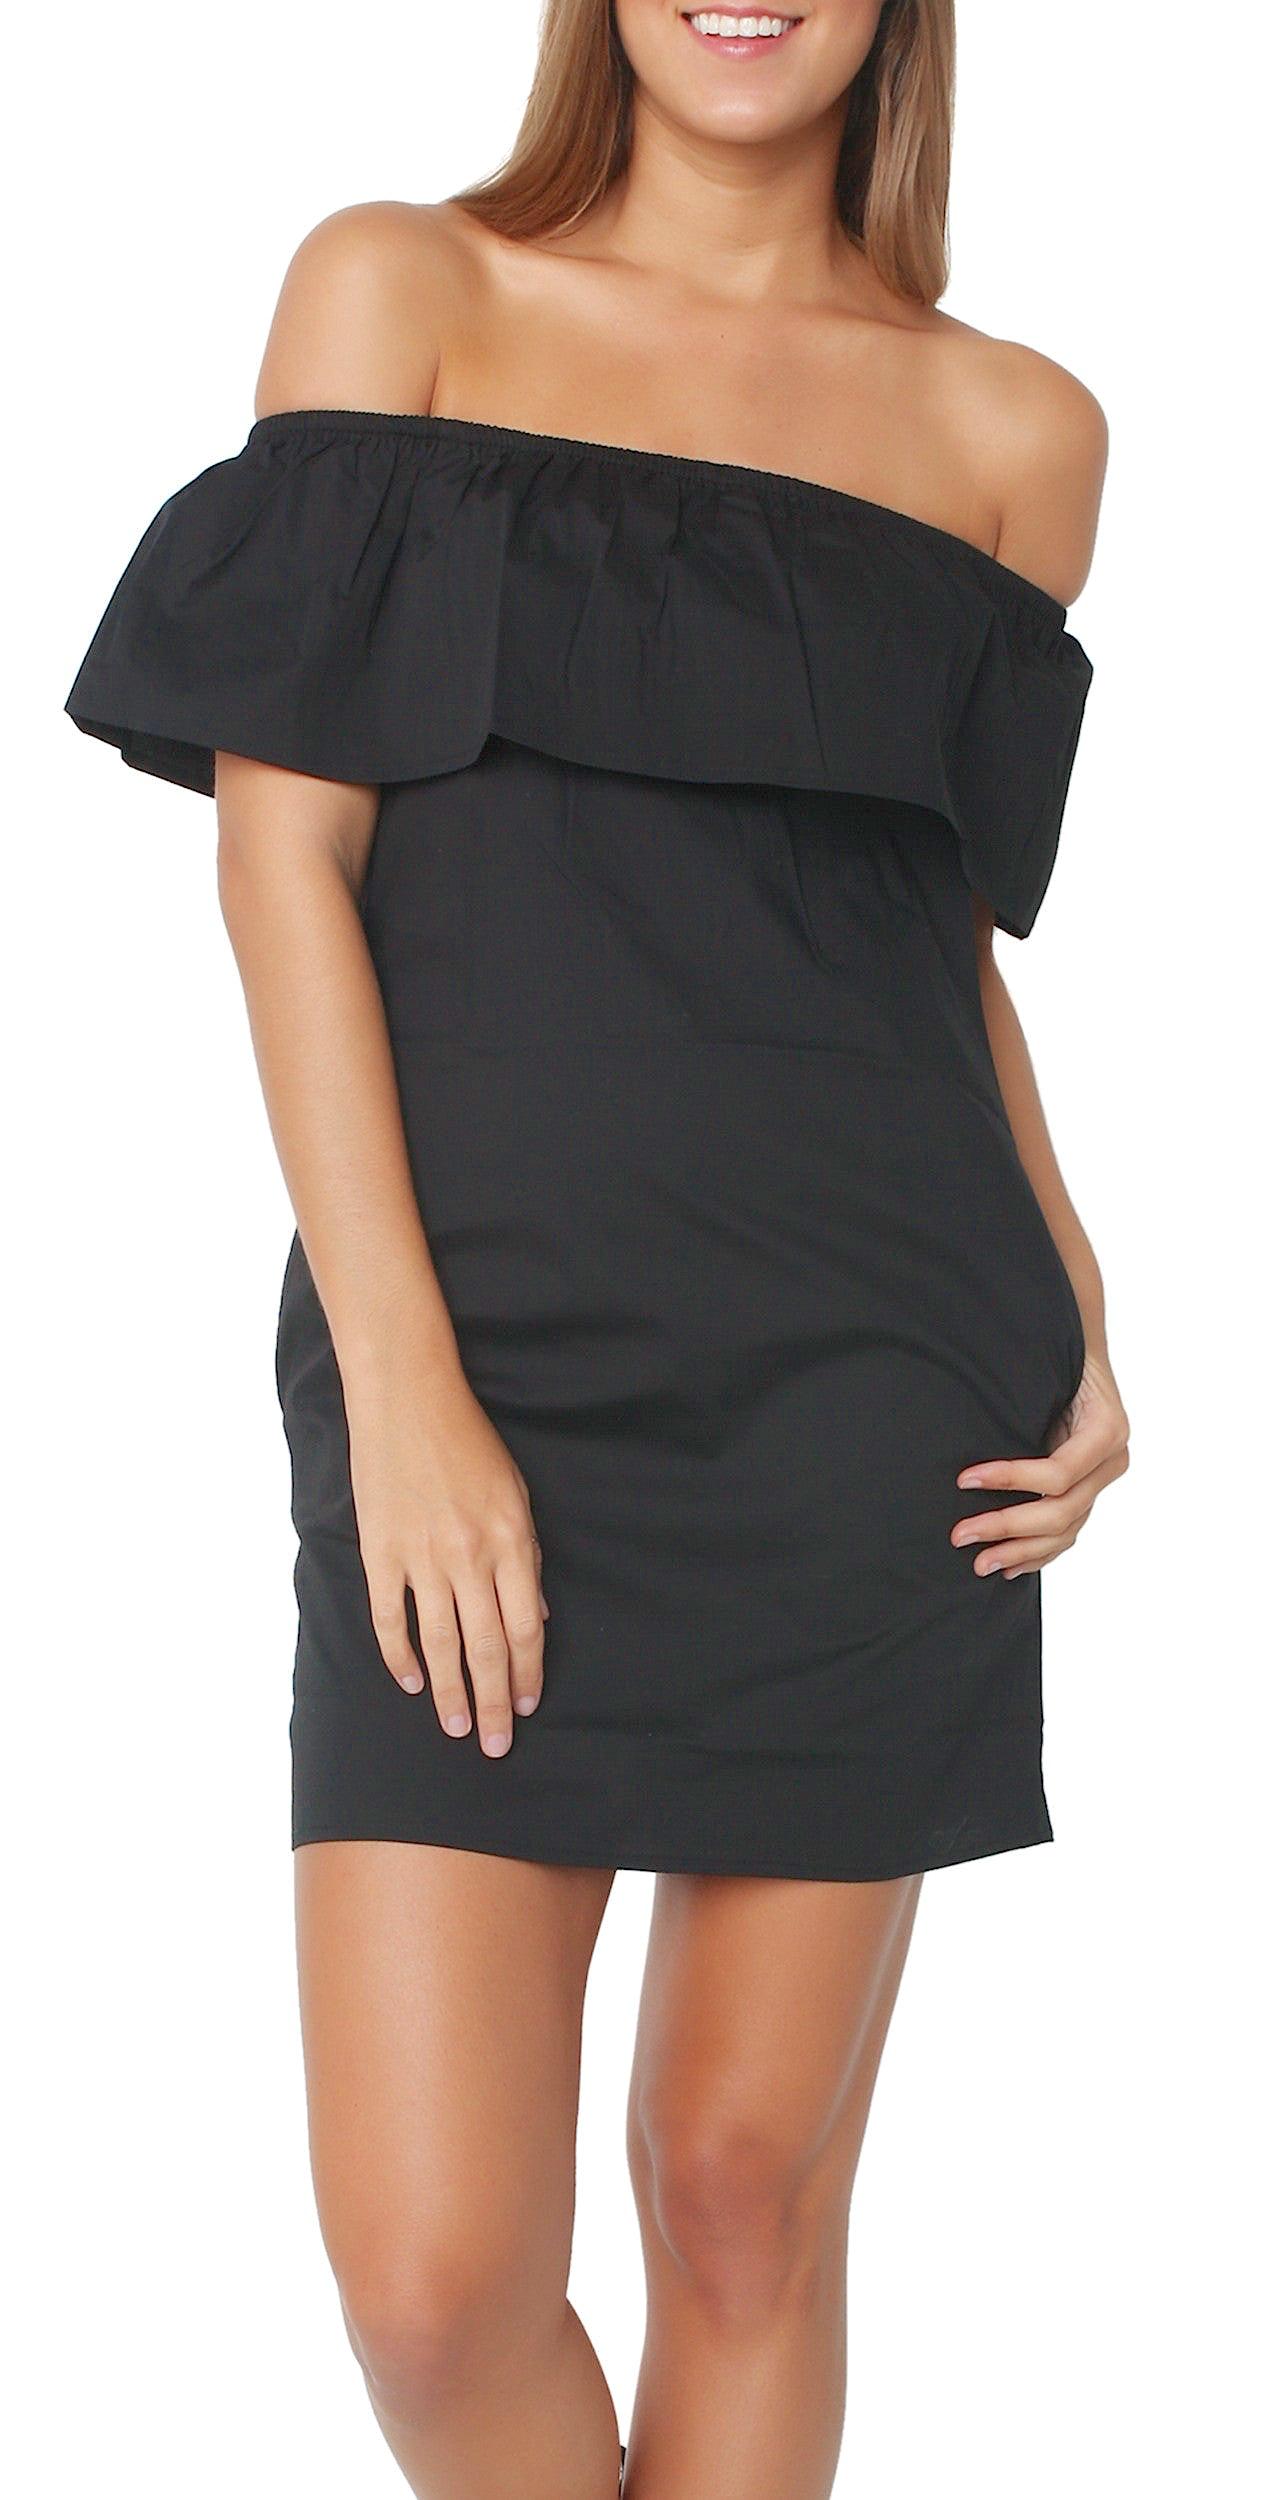 cb7399bd8c66 ... Off Shoulder Cotton Dress ...